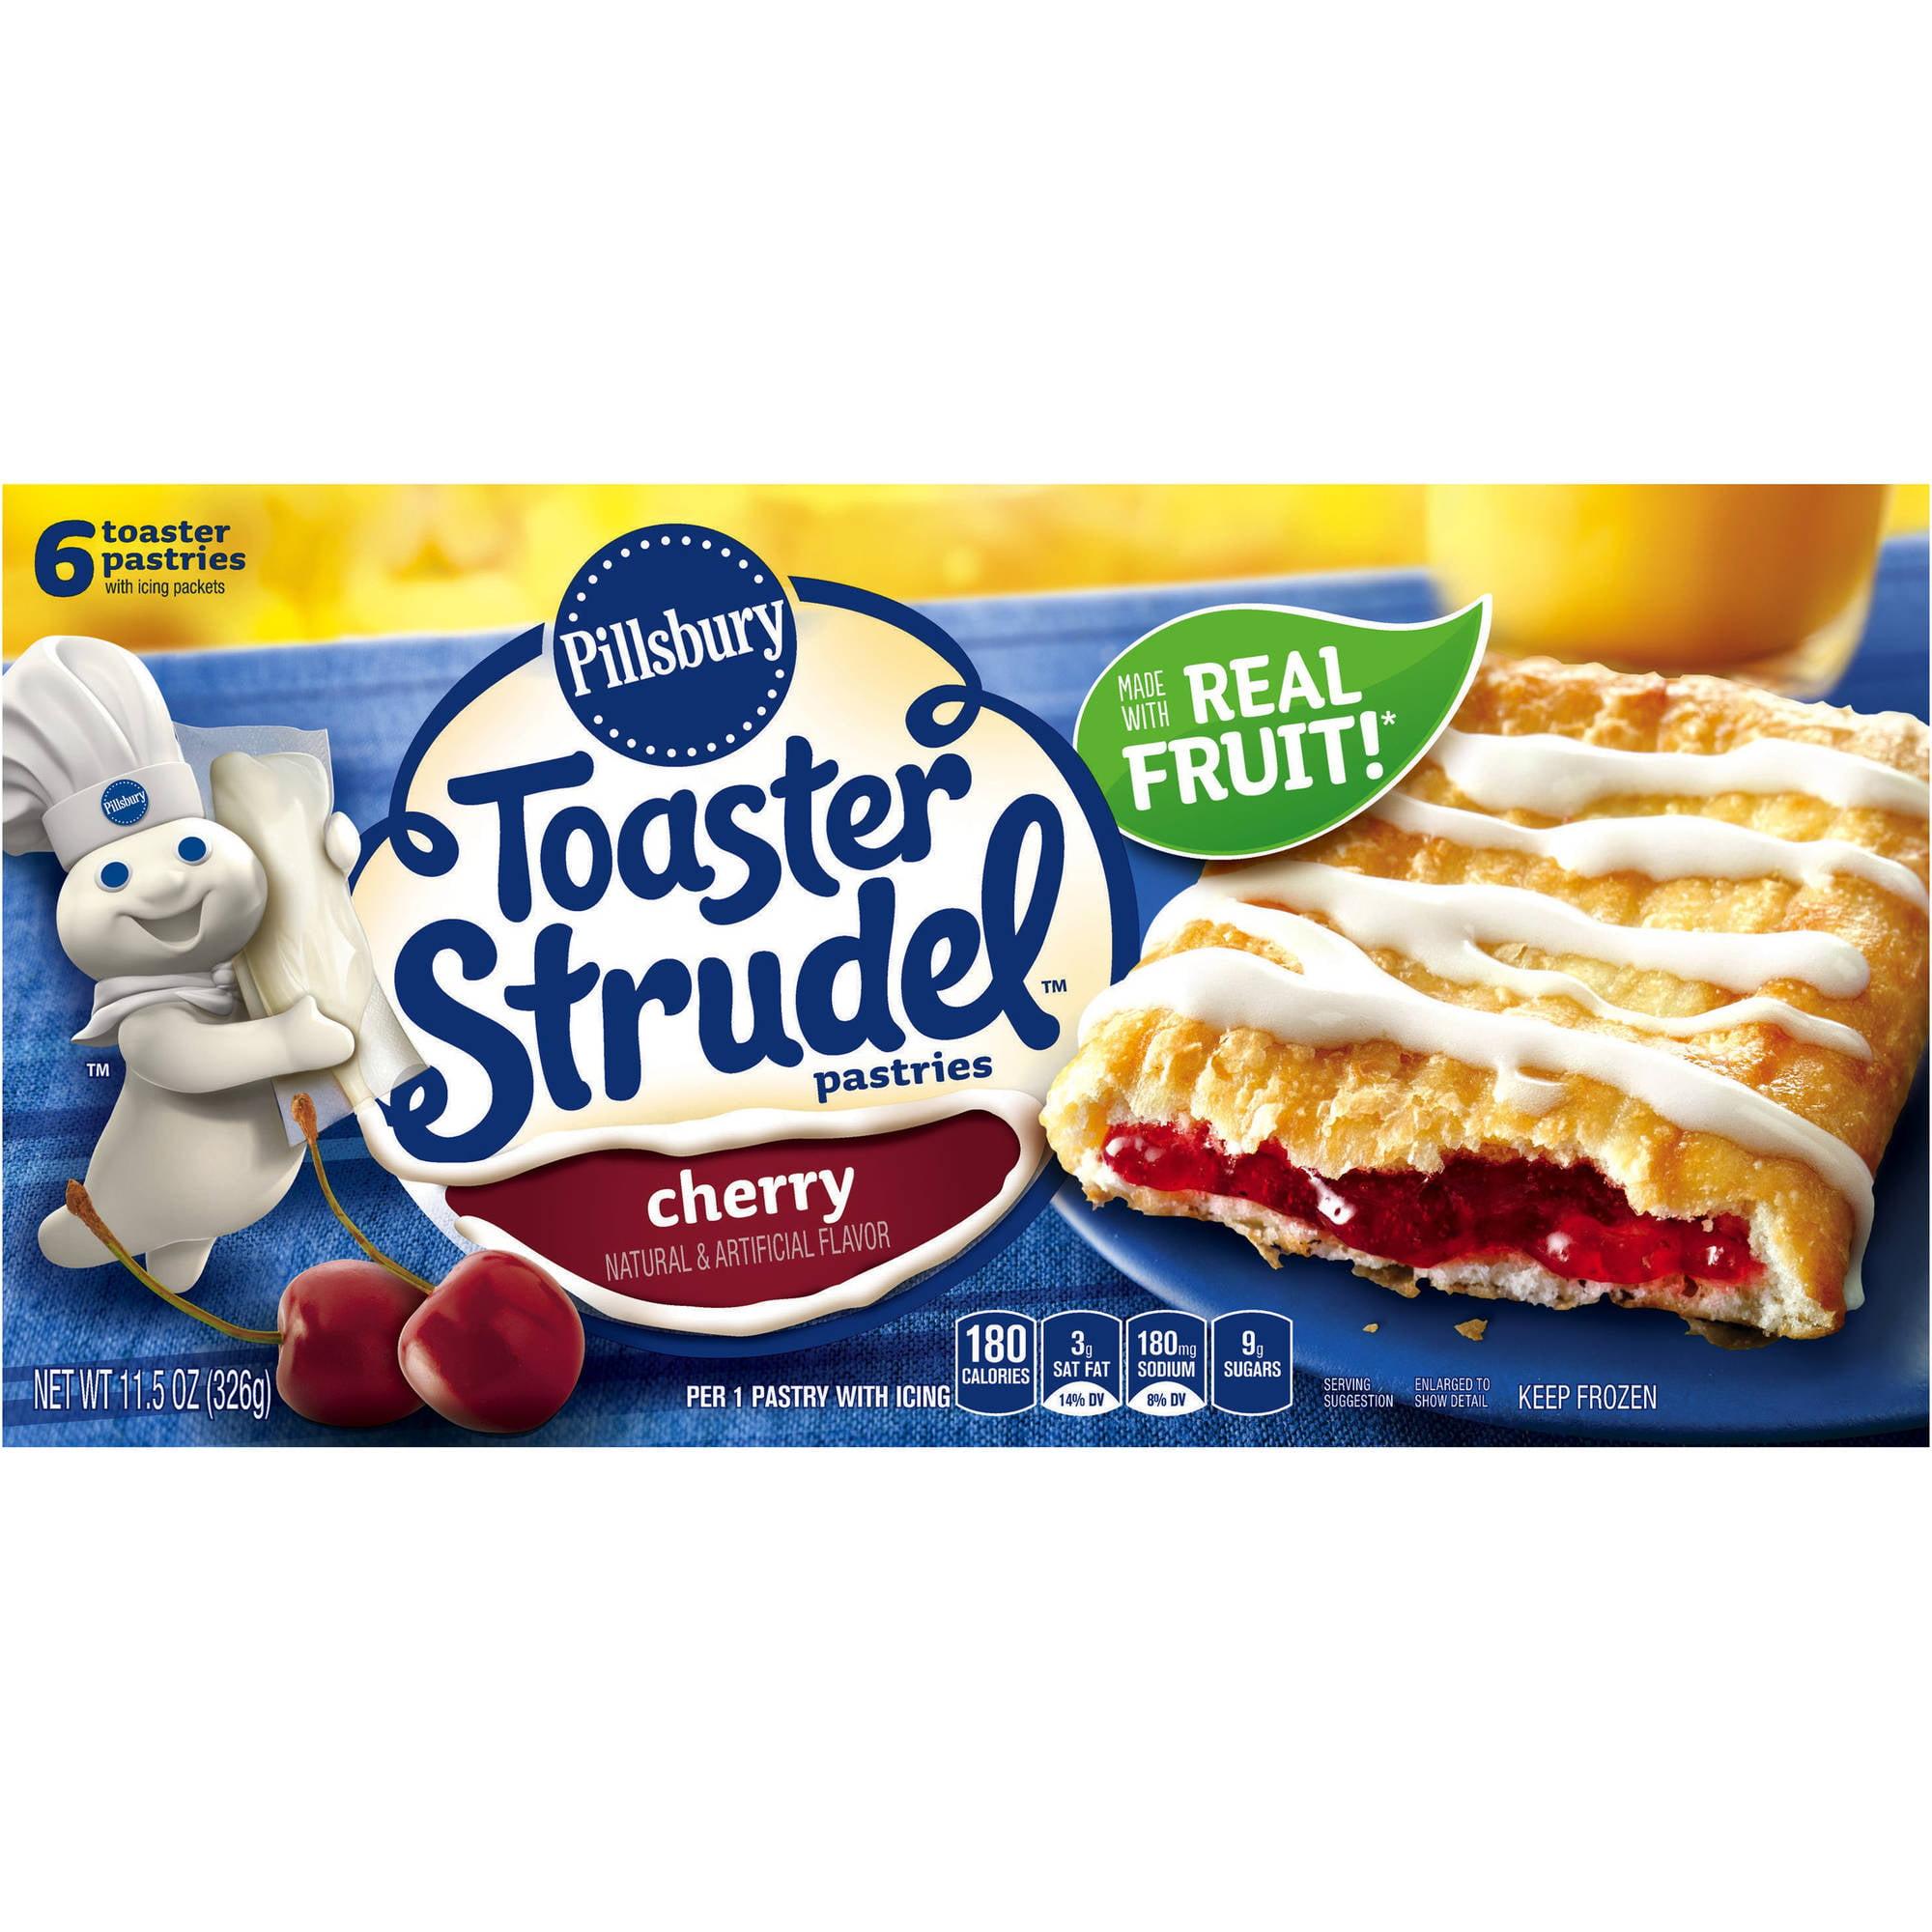 Pillsbury Toaster Strudel Pastries Cherry - 6 CT